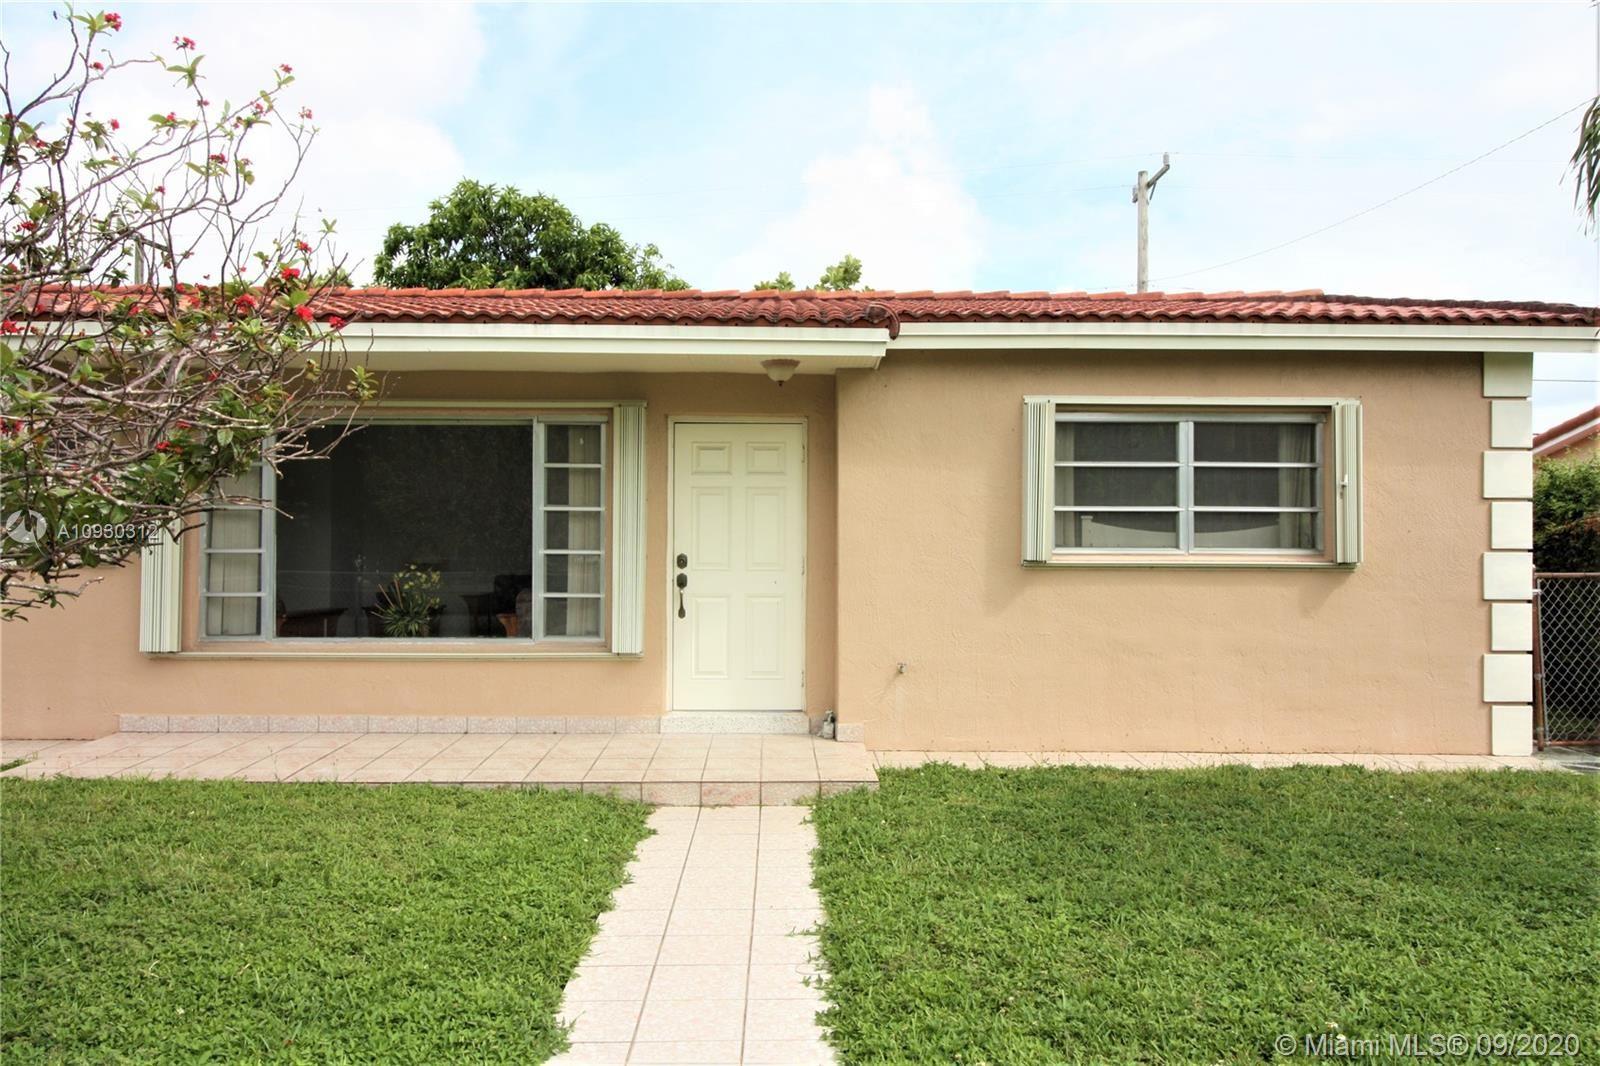 561 W 37th Pl, Hialeah, FL 33012 - #: A10930312